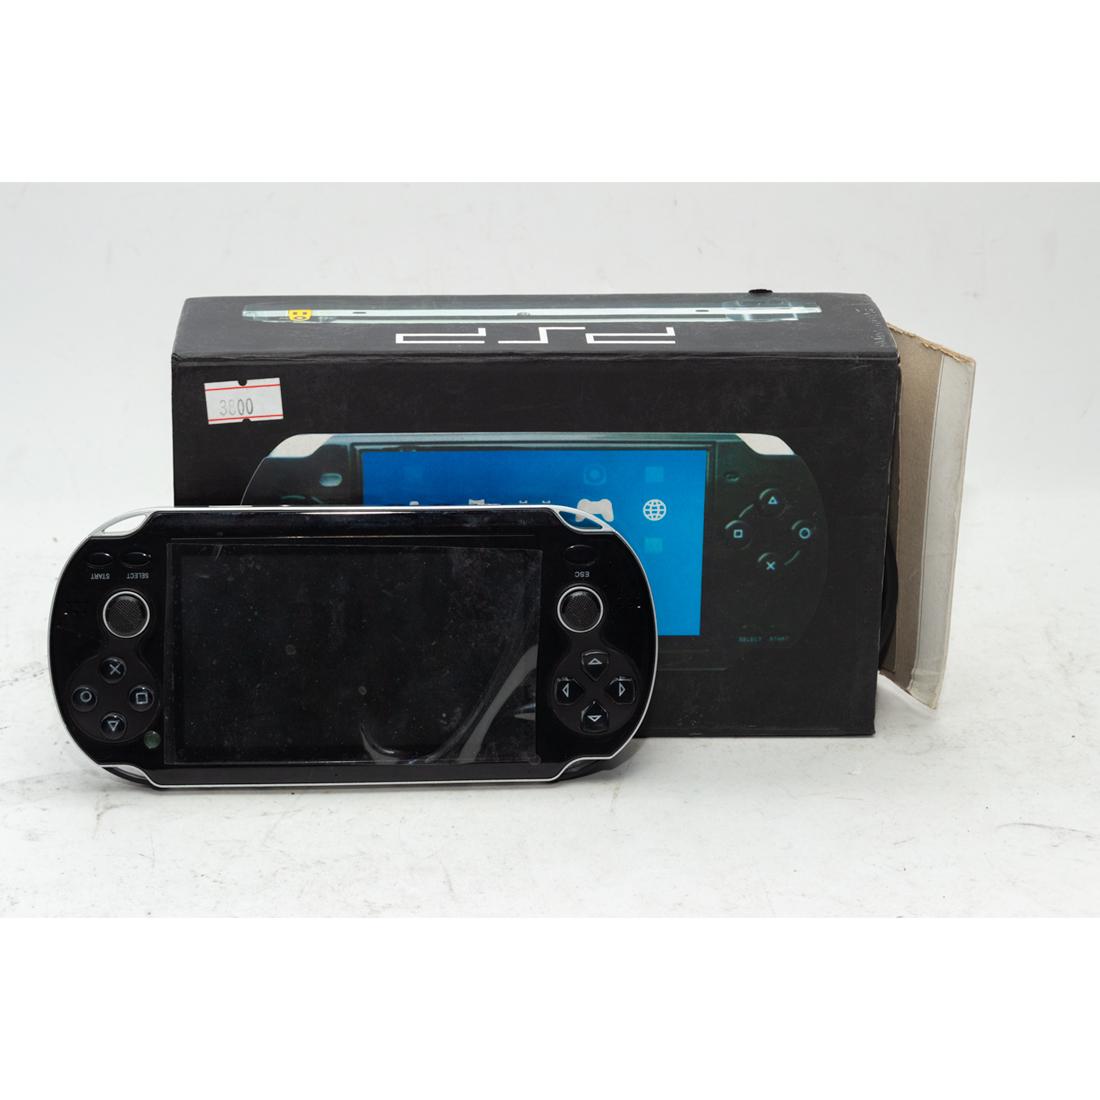 Игровая консоль, PL2400, 8bit, TFT 2.4